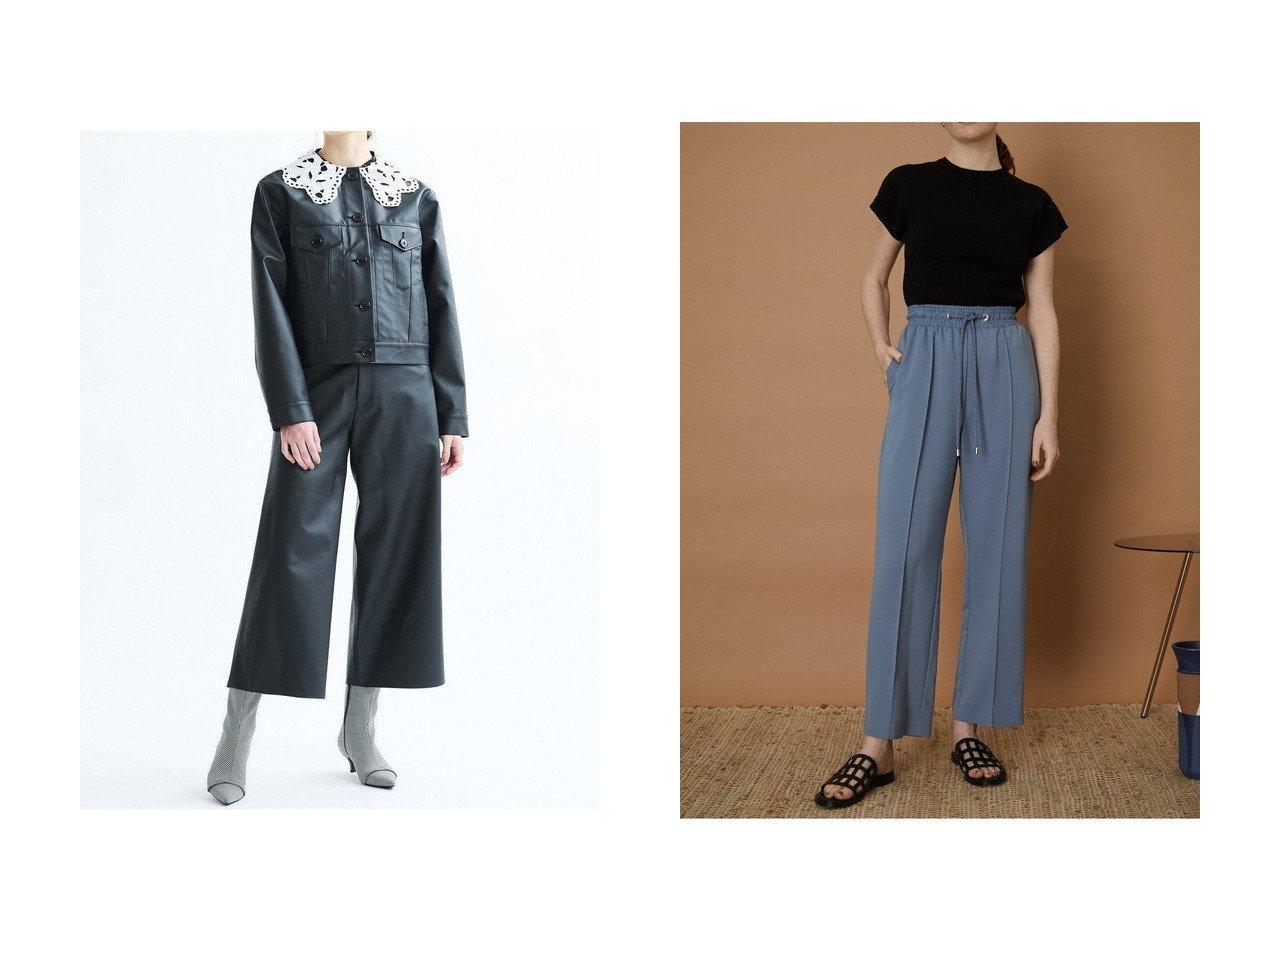 【RIM.ARK/リムアーク】のイージーパンツ&【LANVIN en Bleu/ランバン オン ブルー】のフェイクレザークロップドパンツ 【パンツ】おすすめ!人気、トレンド・レディースファッションの通販 おすすめで人気の流行・トレンド、ファッションの通販商品 インテリア・家具・メンズファッション・キッズファッション・レディースファッション・服の通販 founy(ファニー) https://founy.com/ ファッション Fashion レディースファッション WOMEN パンツ Pants オーガニック ショルダー ストレート フェミニン フロント ポケット ワイド おすすめ Recommend キュプラ センター ツイル リボン リラックス  ID:crp329100000060197